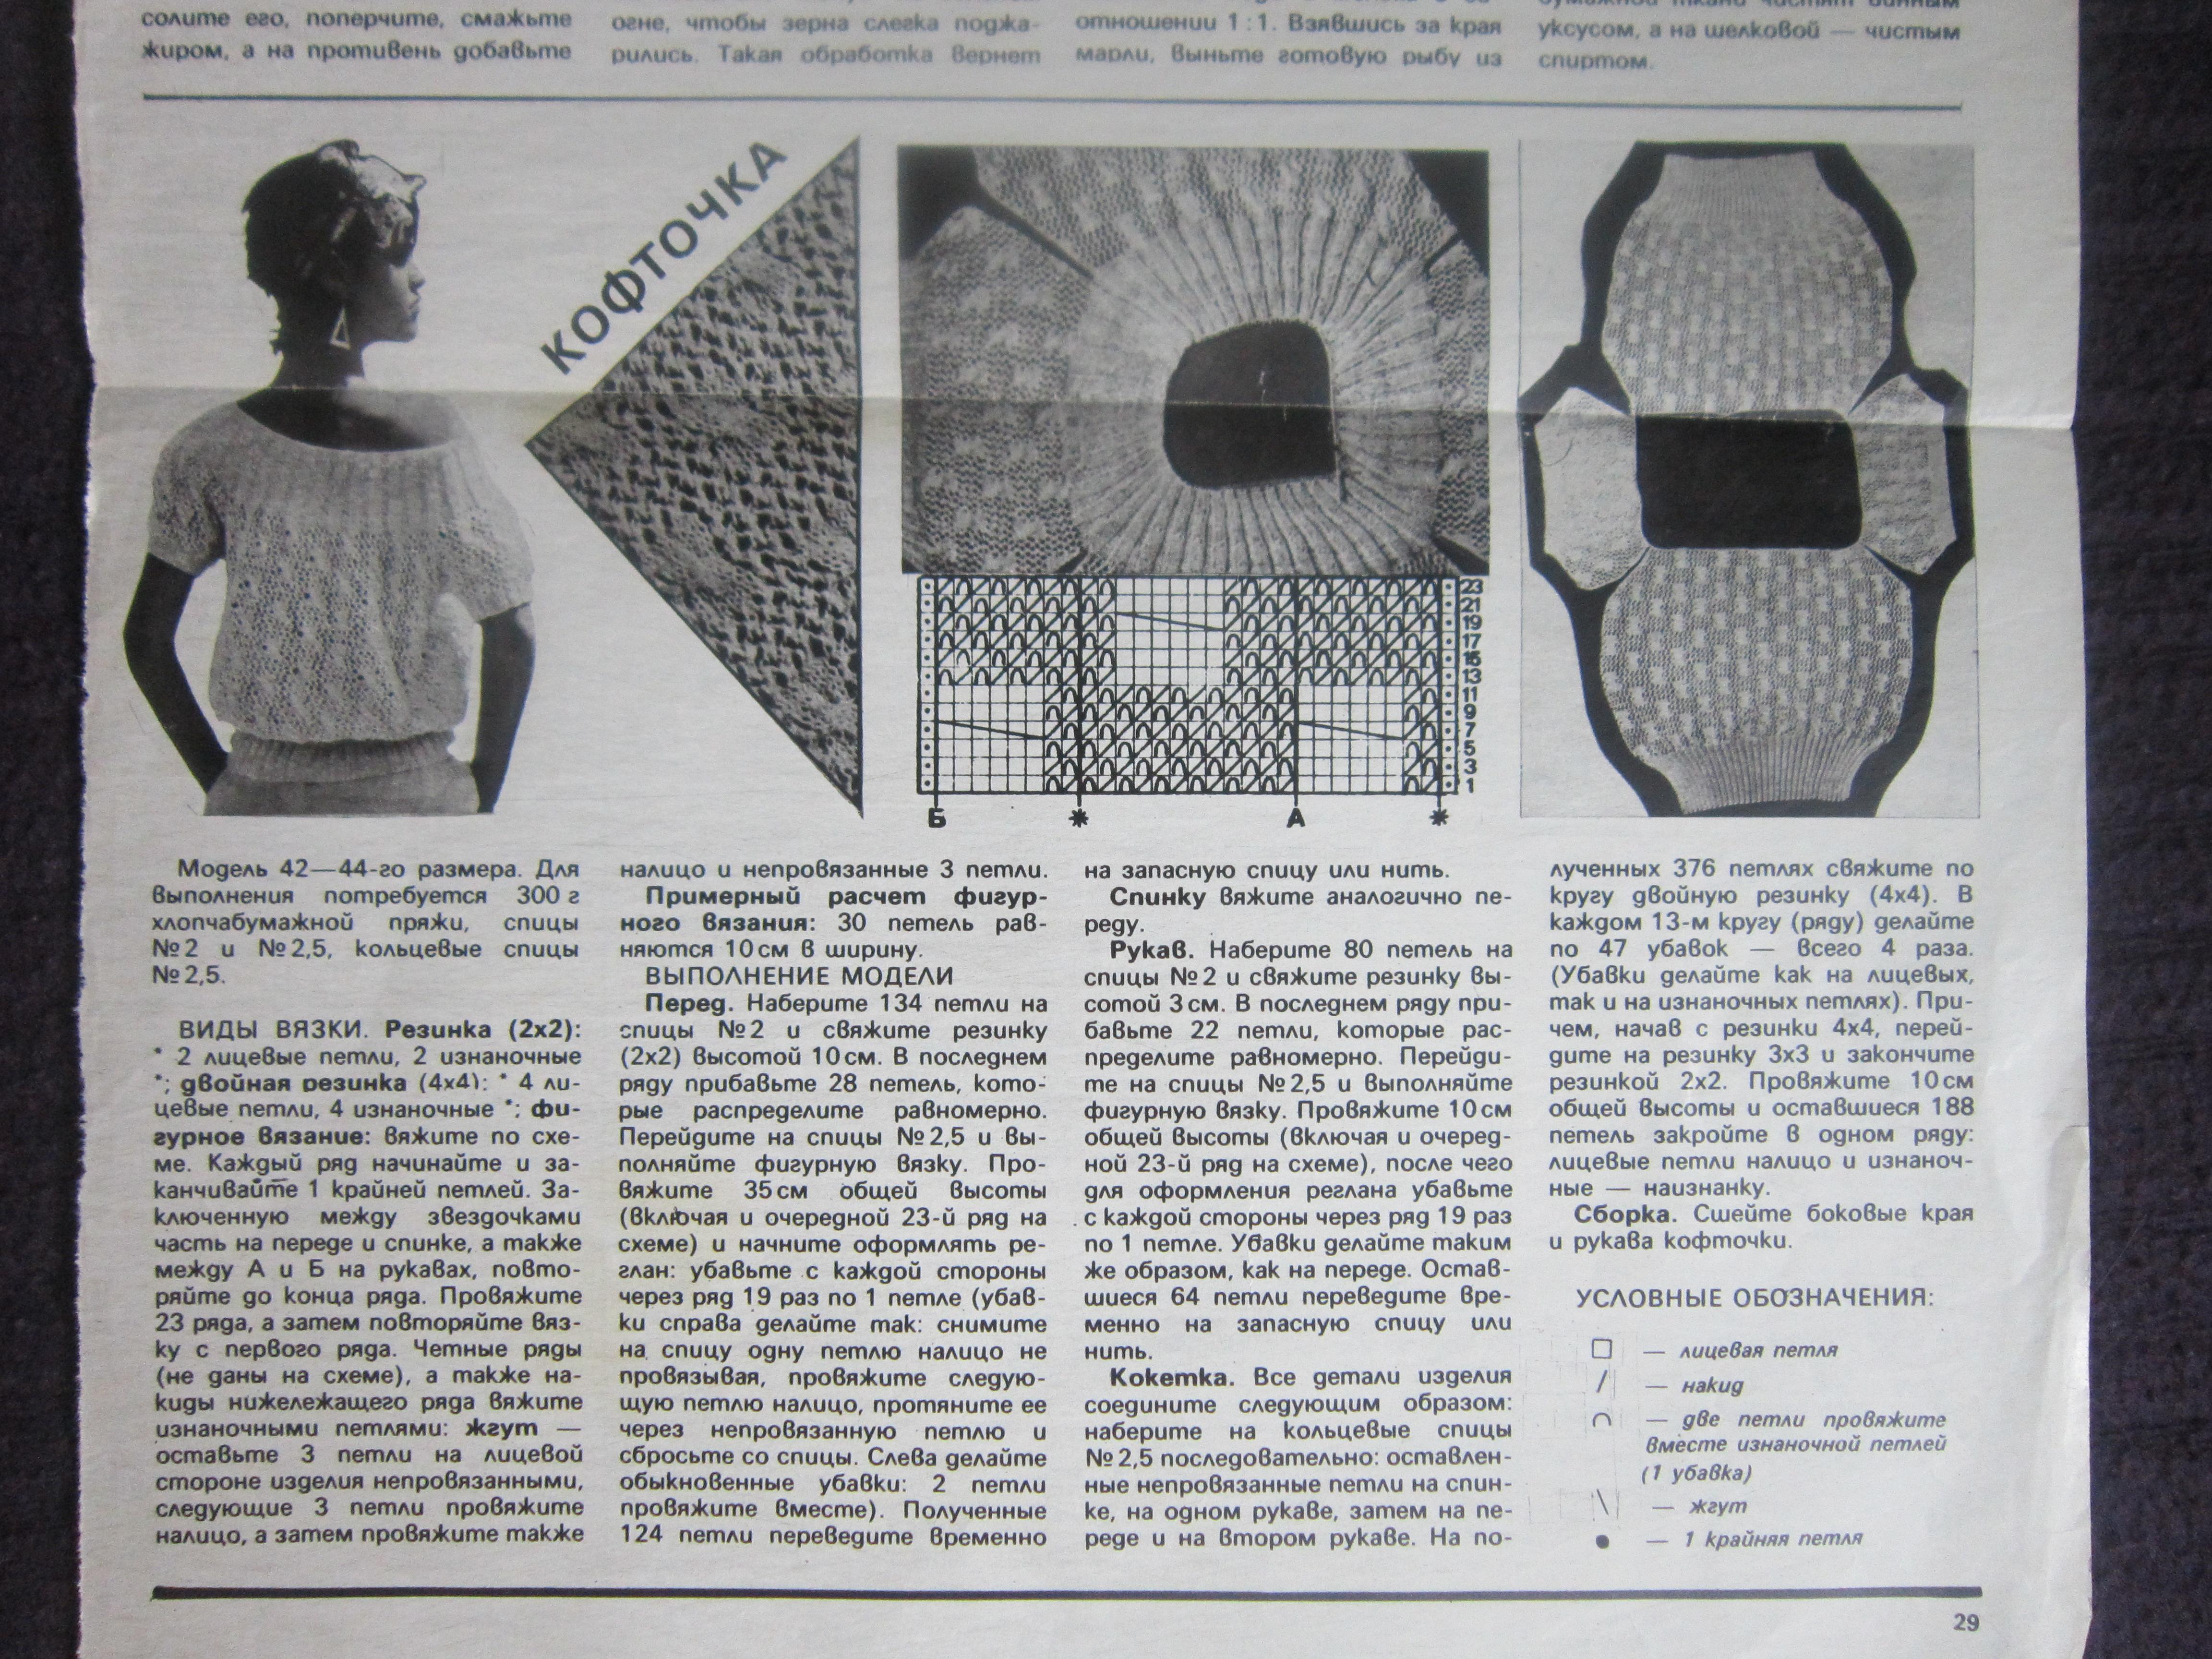 вязание спицами из старых журналов запись пользователя Olgun4ik